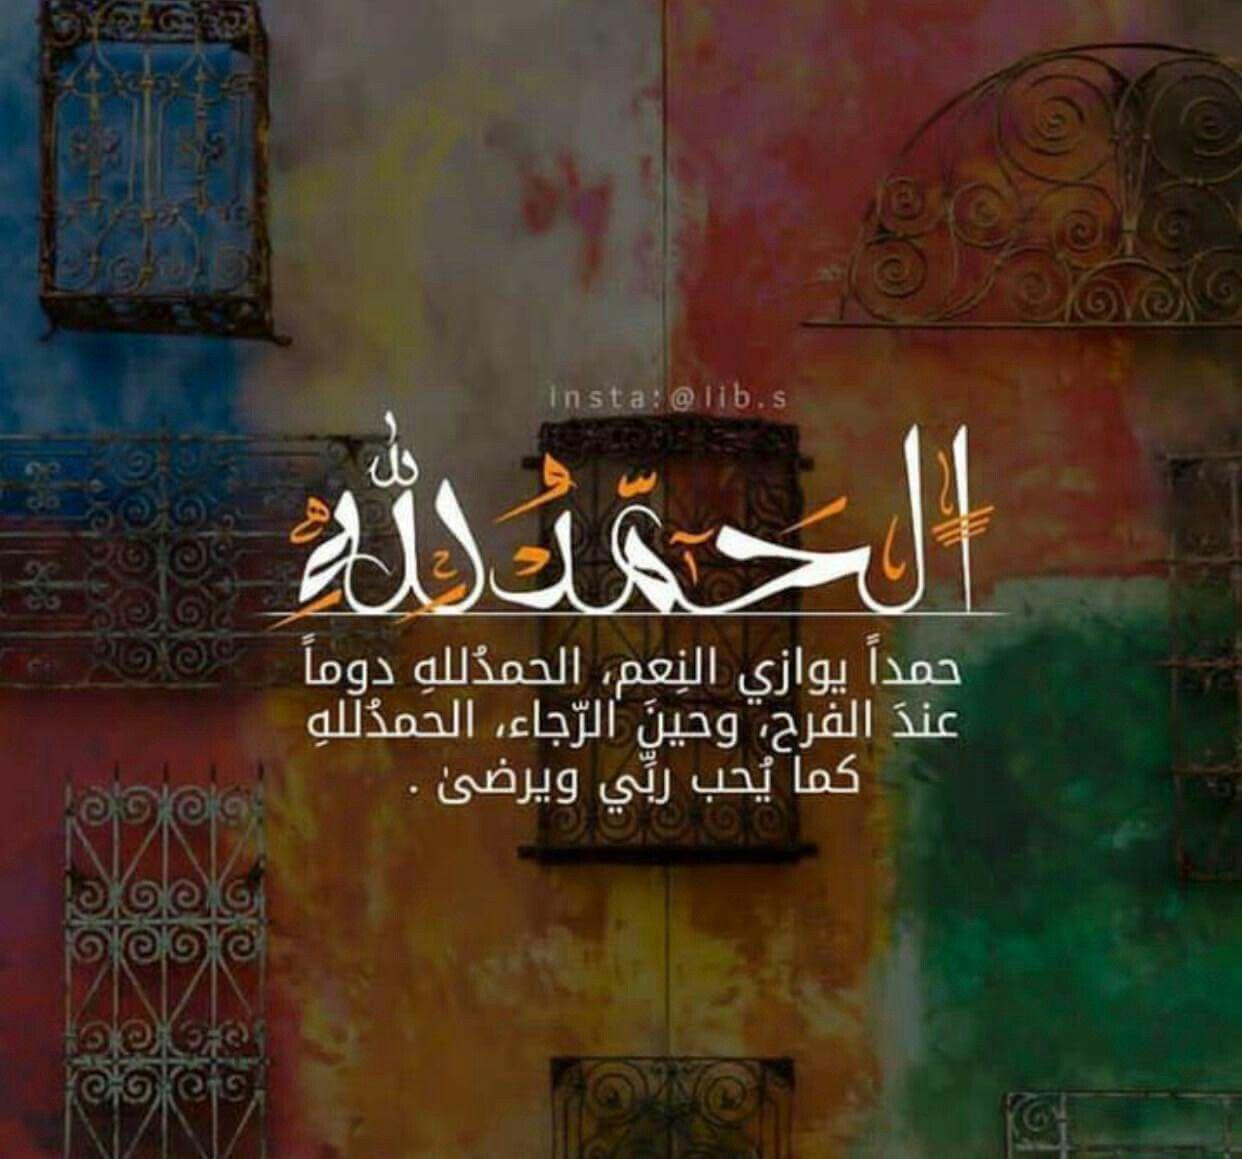 اللهم لك الحمد كما ينبغي لجلال وجهك وعظيم سلطانك Quran Quotes Love Islamic Quotes Wallpaper Quran Quotes Verses